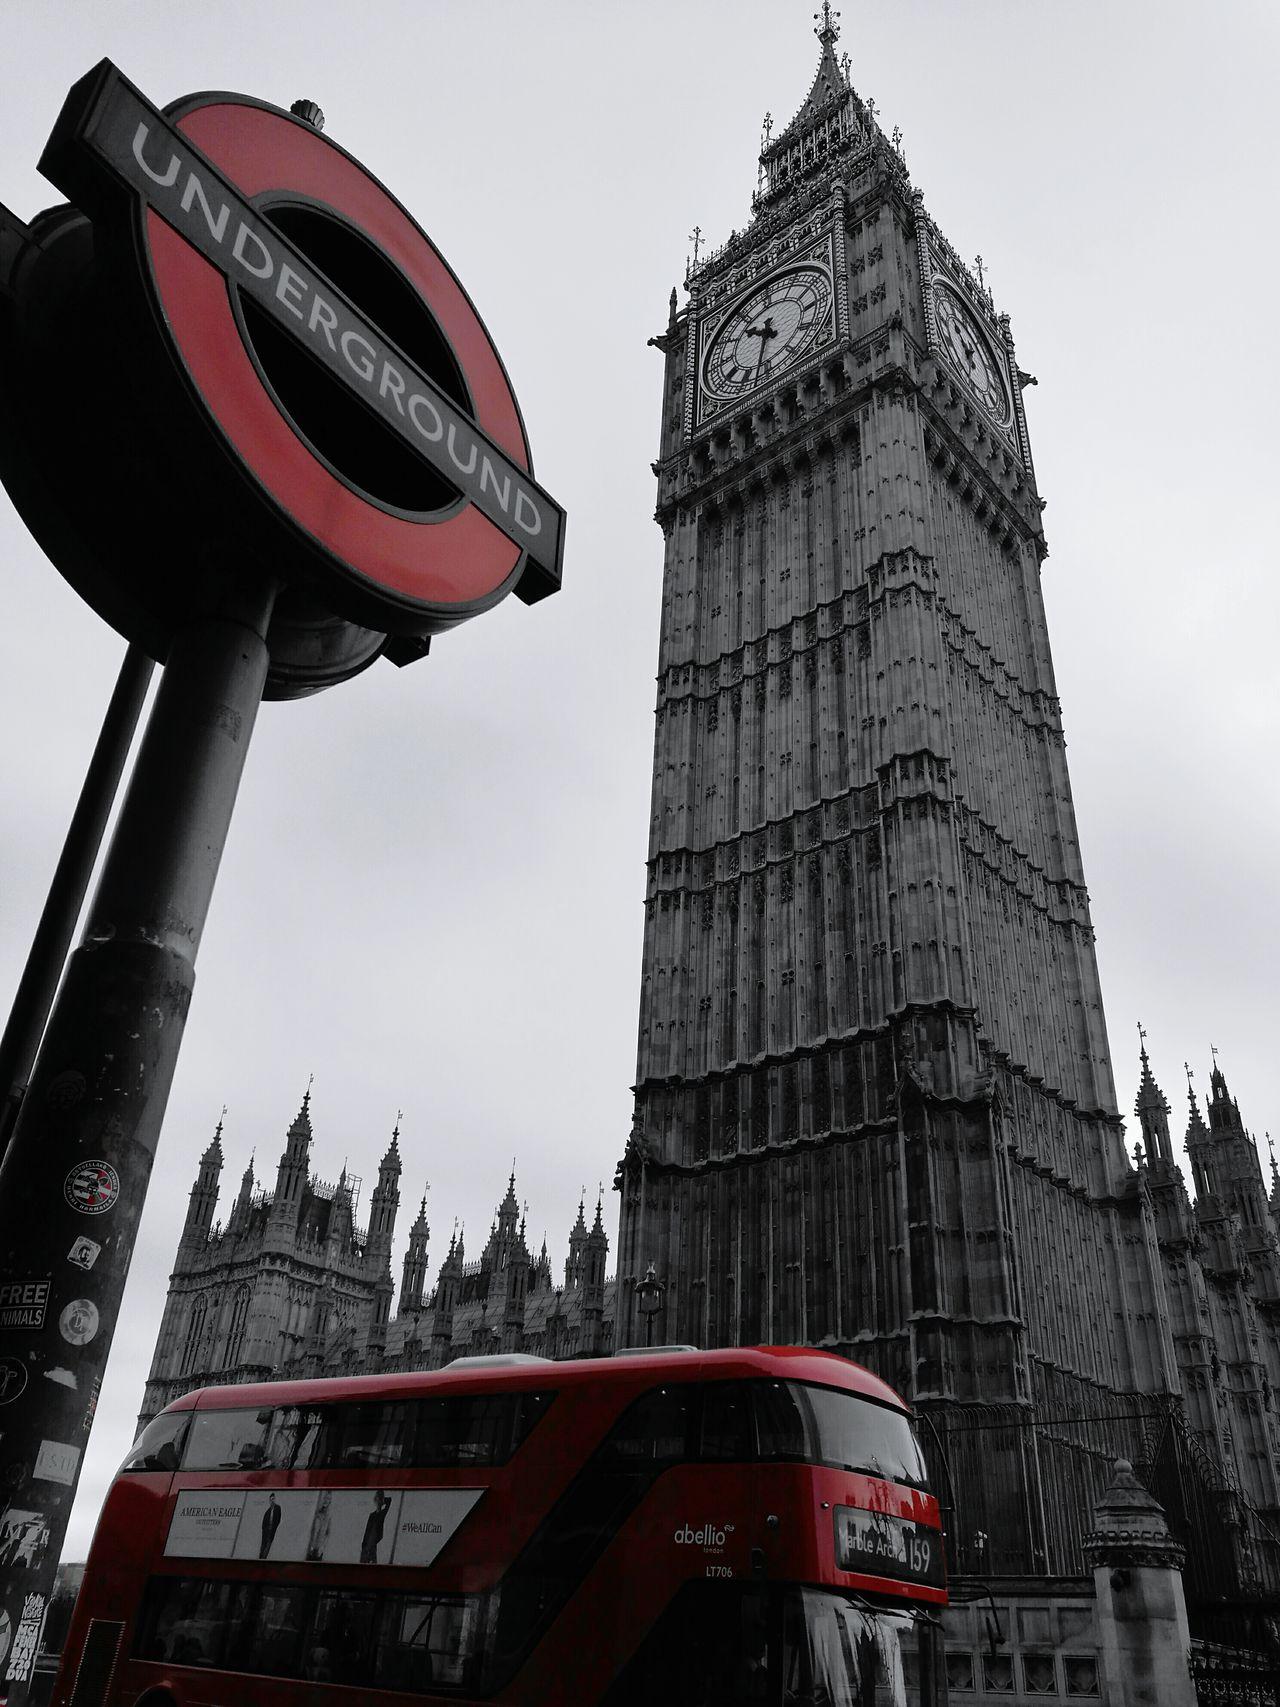 London Big Ben Red Underground Clock Tower